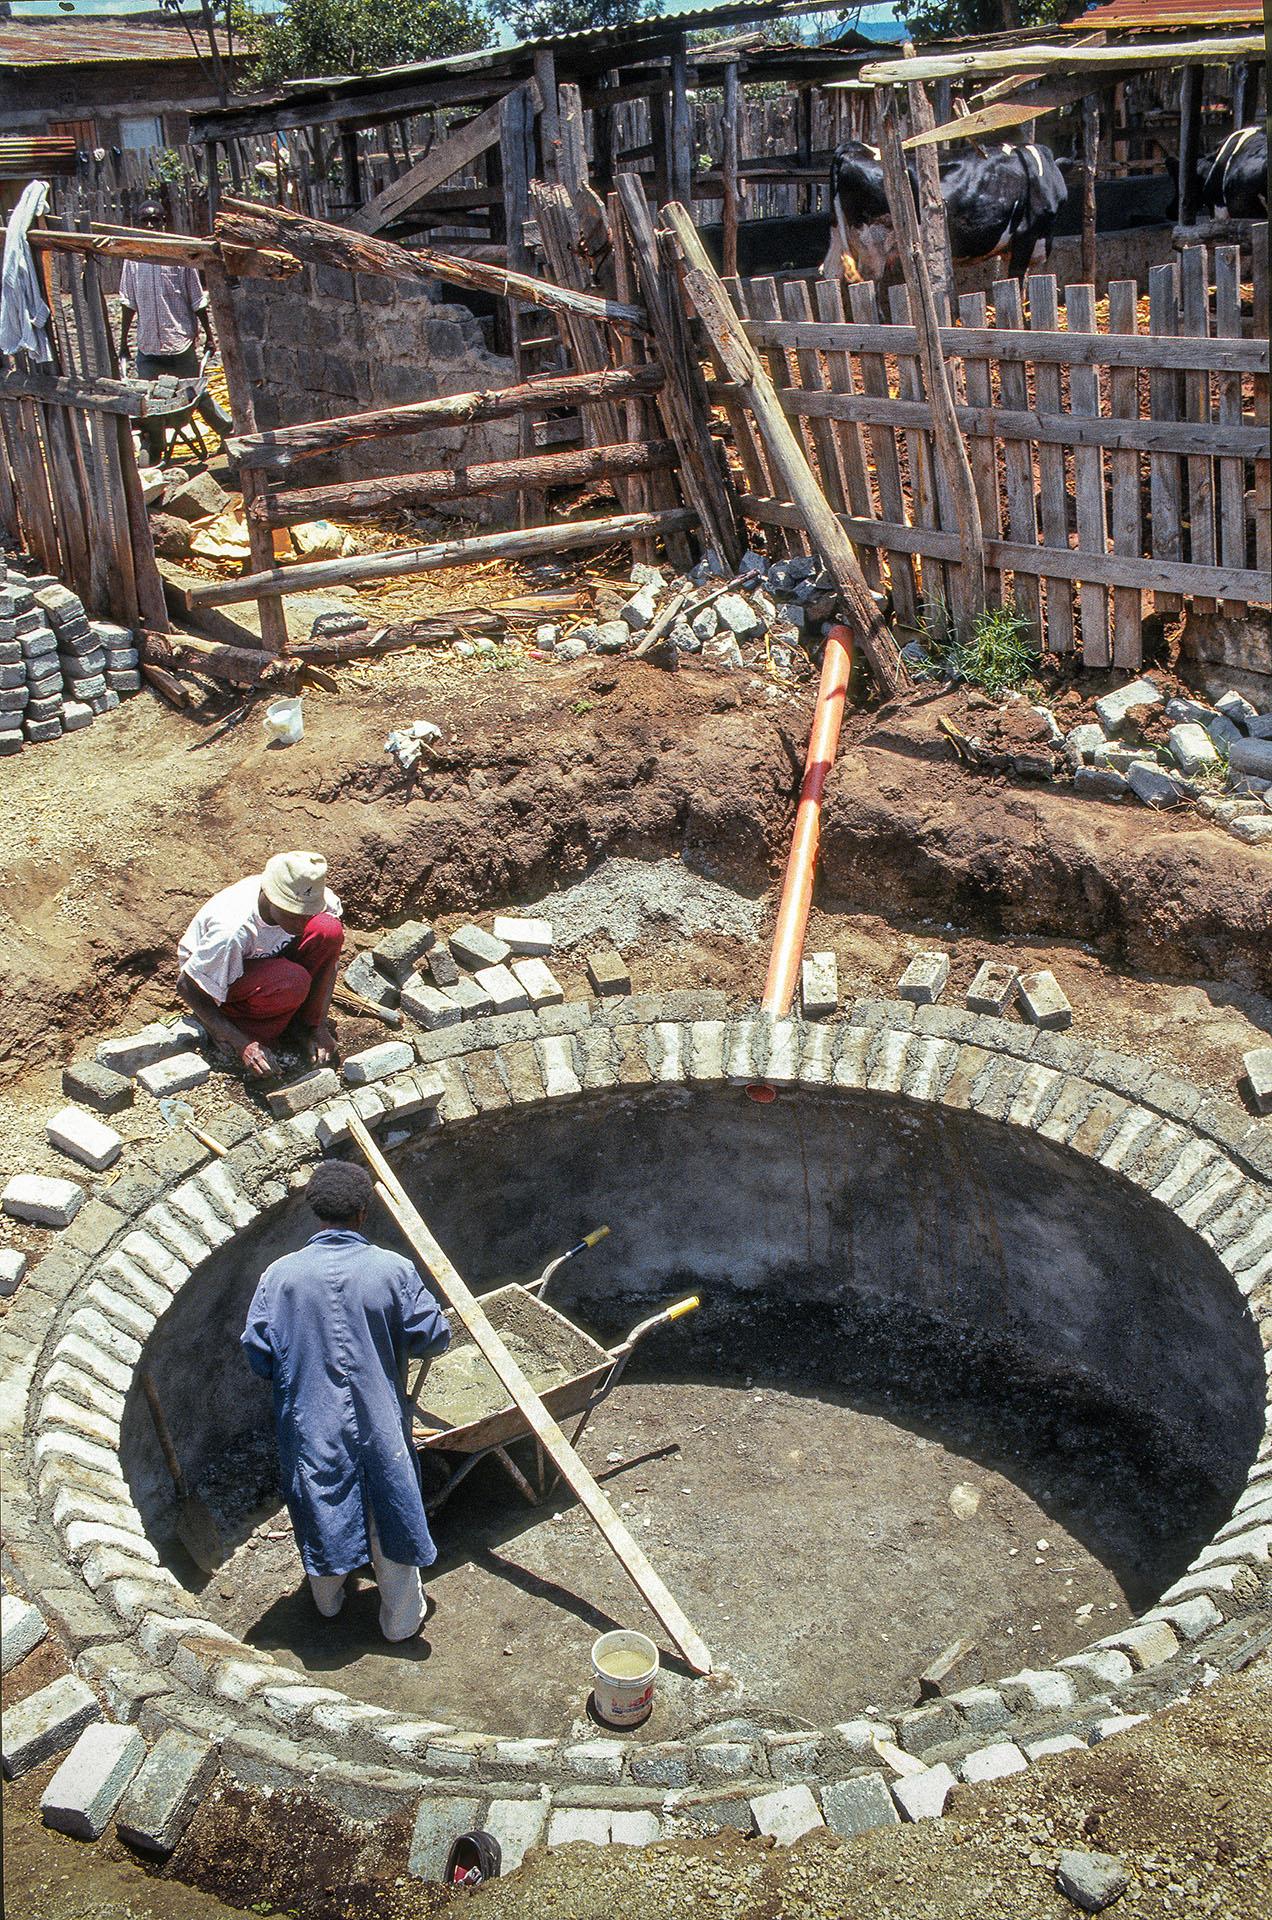 A biogas digester under construction near Nakuru, Kenya